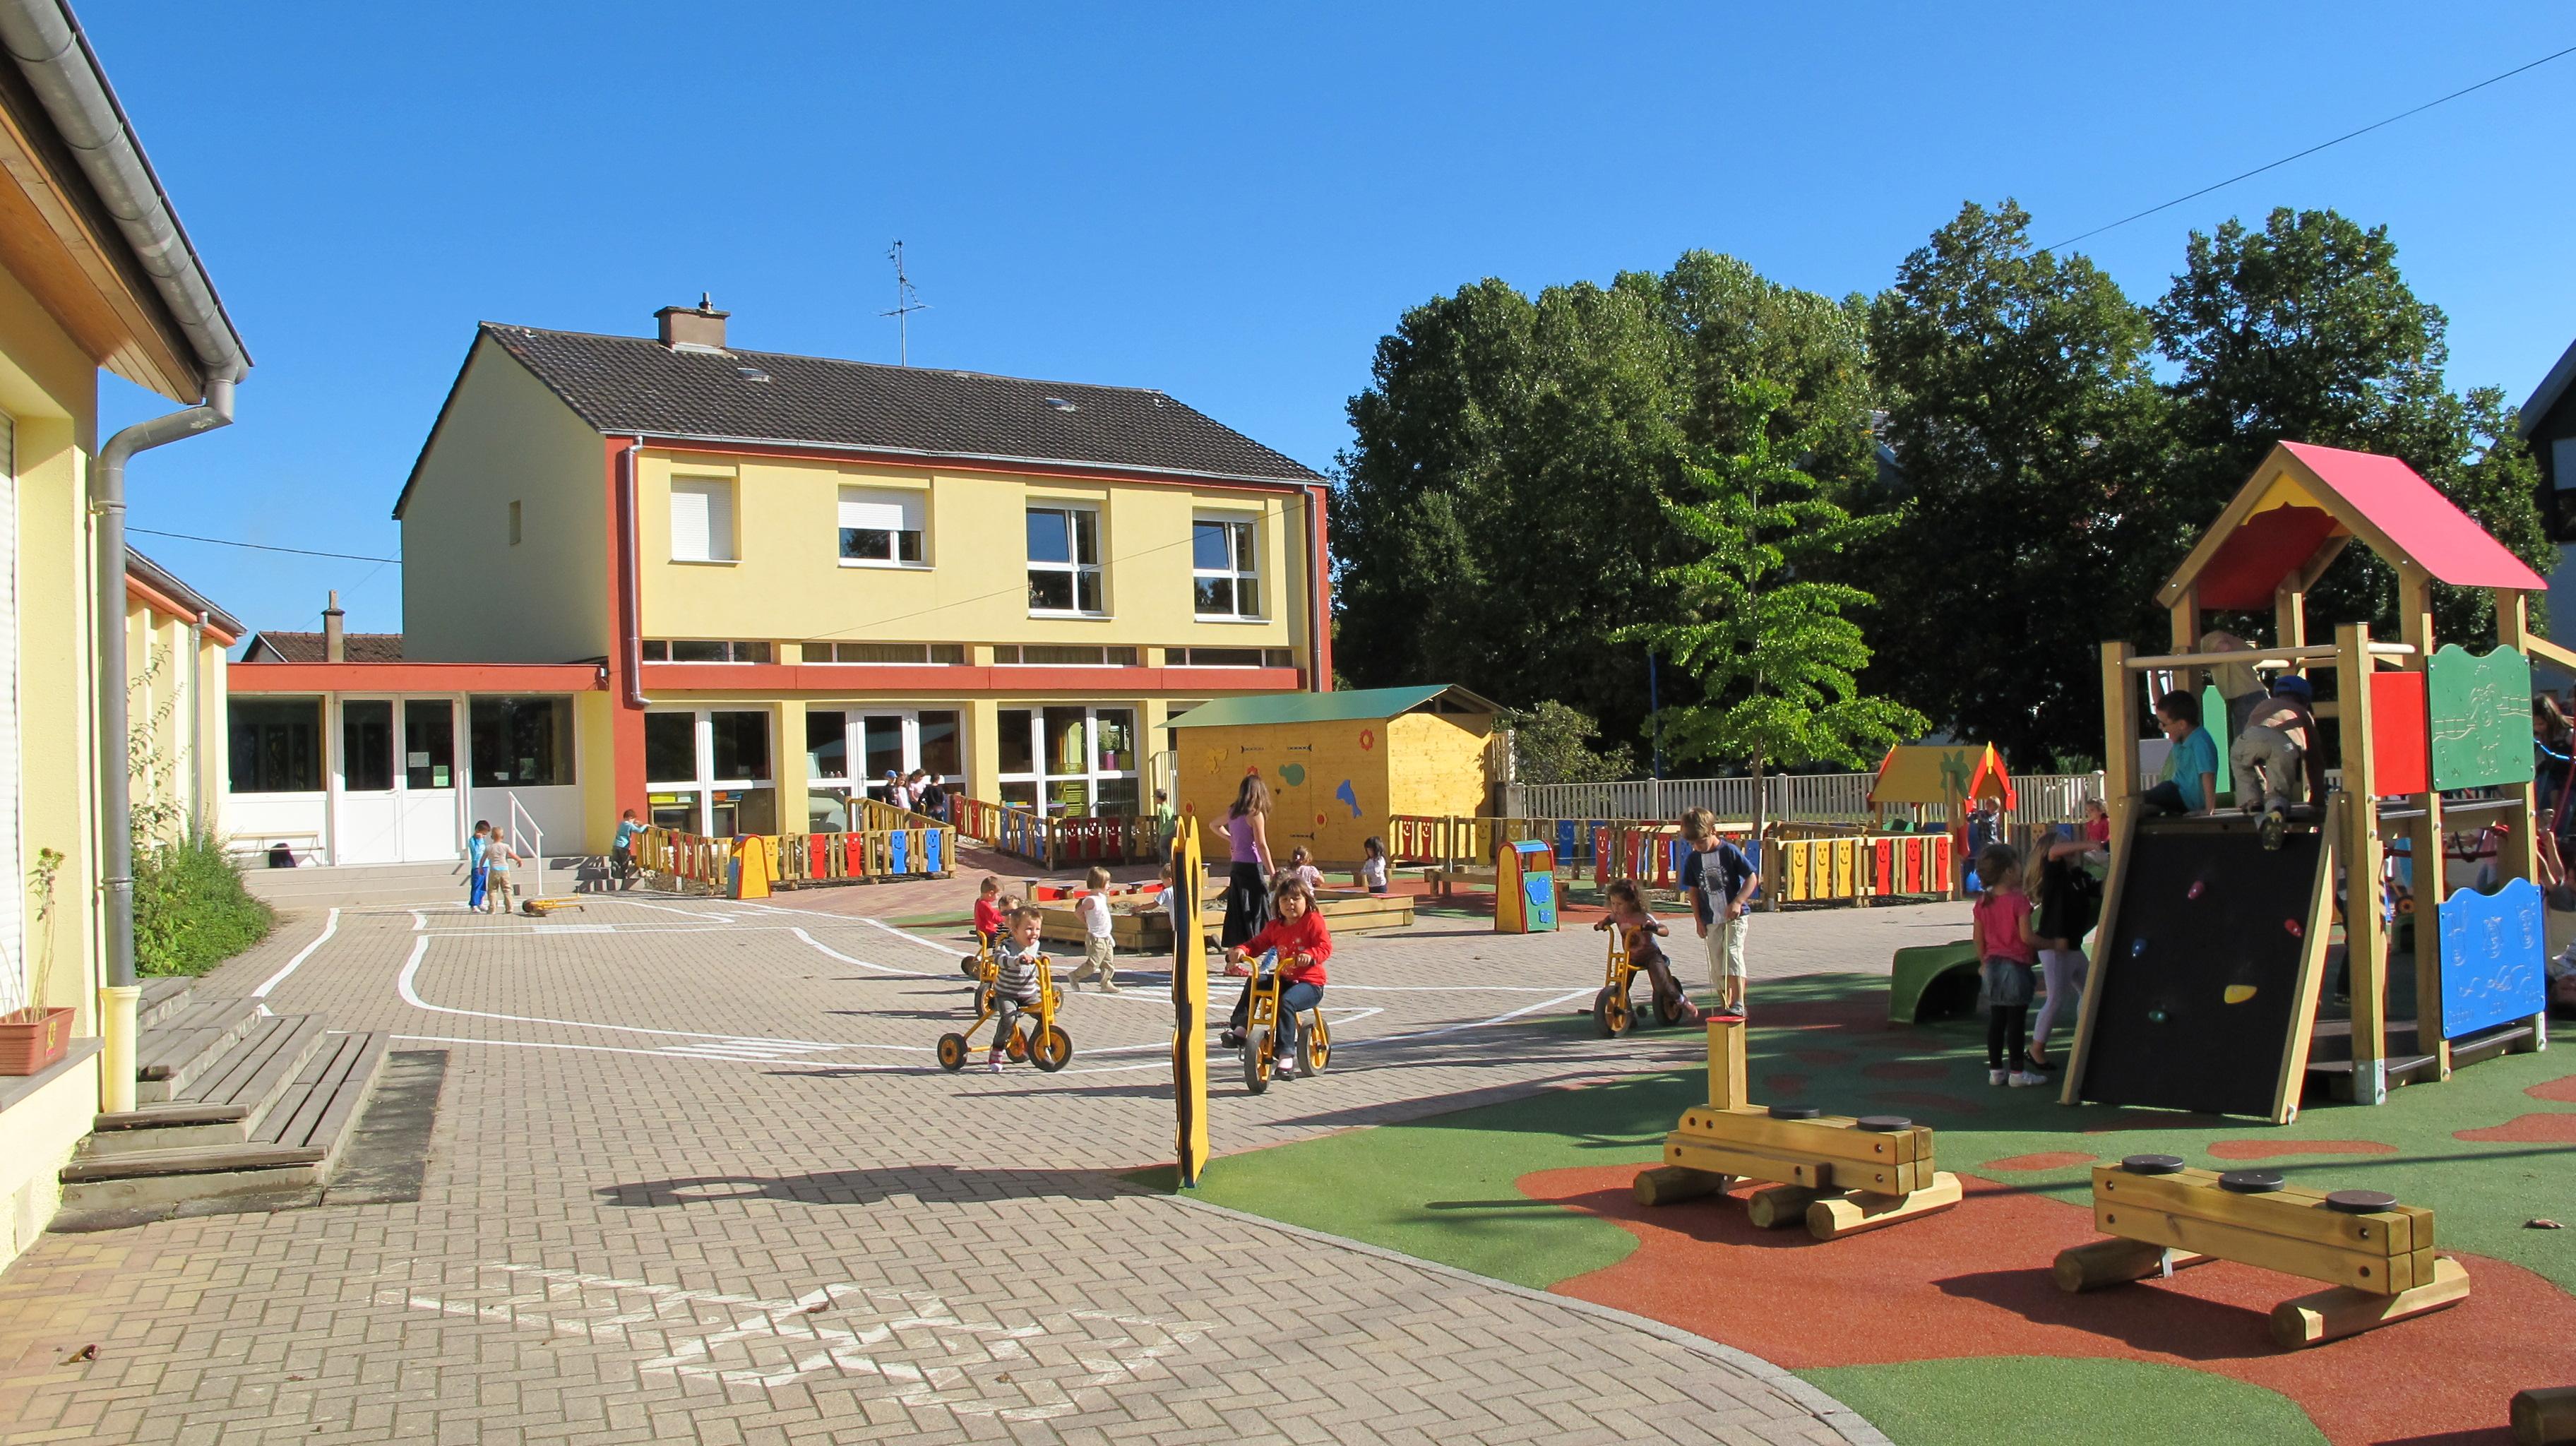 Ecole maternelle les hirondelles commune d 39 eschau - Image d ecole maternelle ...